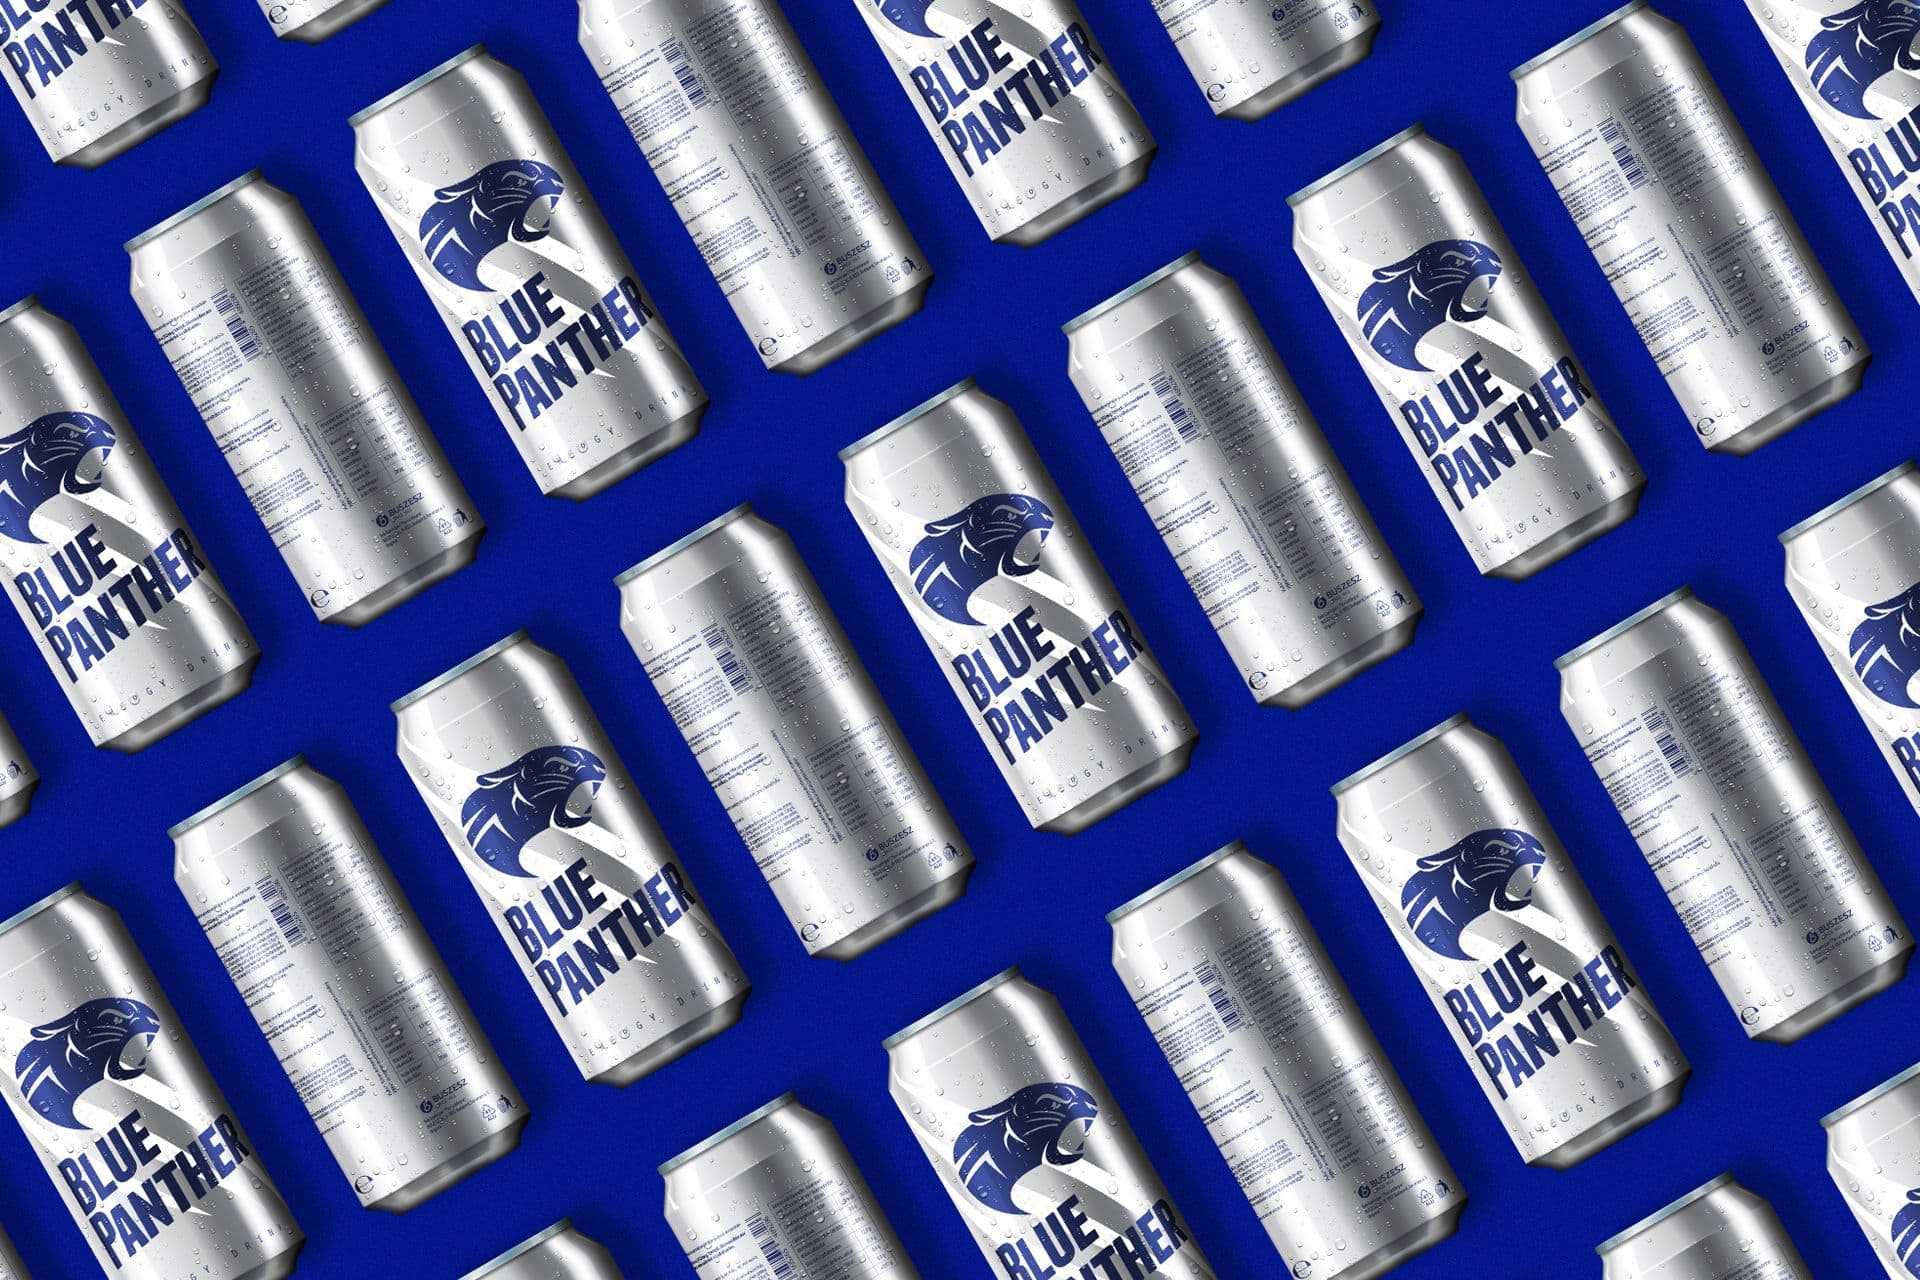 Diseño de marca y packaging para bebida energética. Euroxeline, 2016.